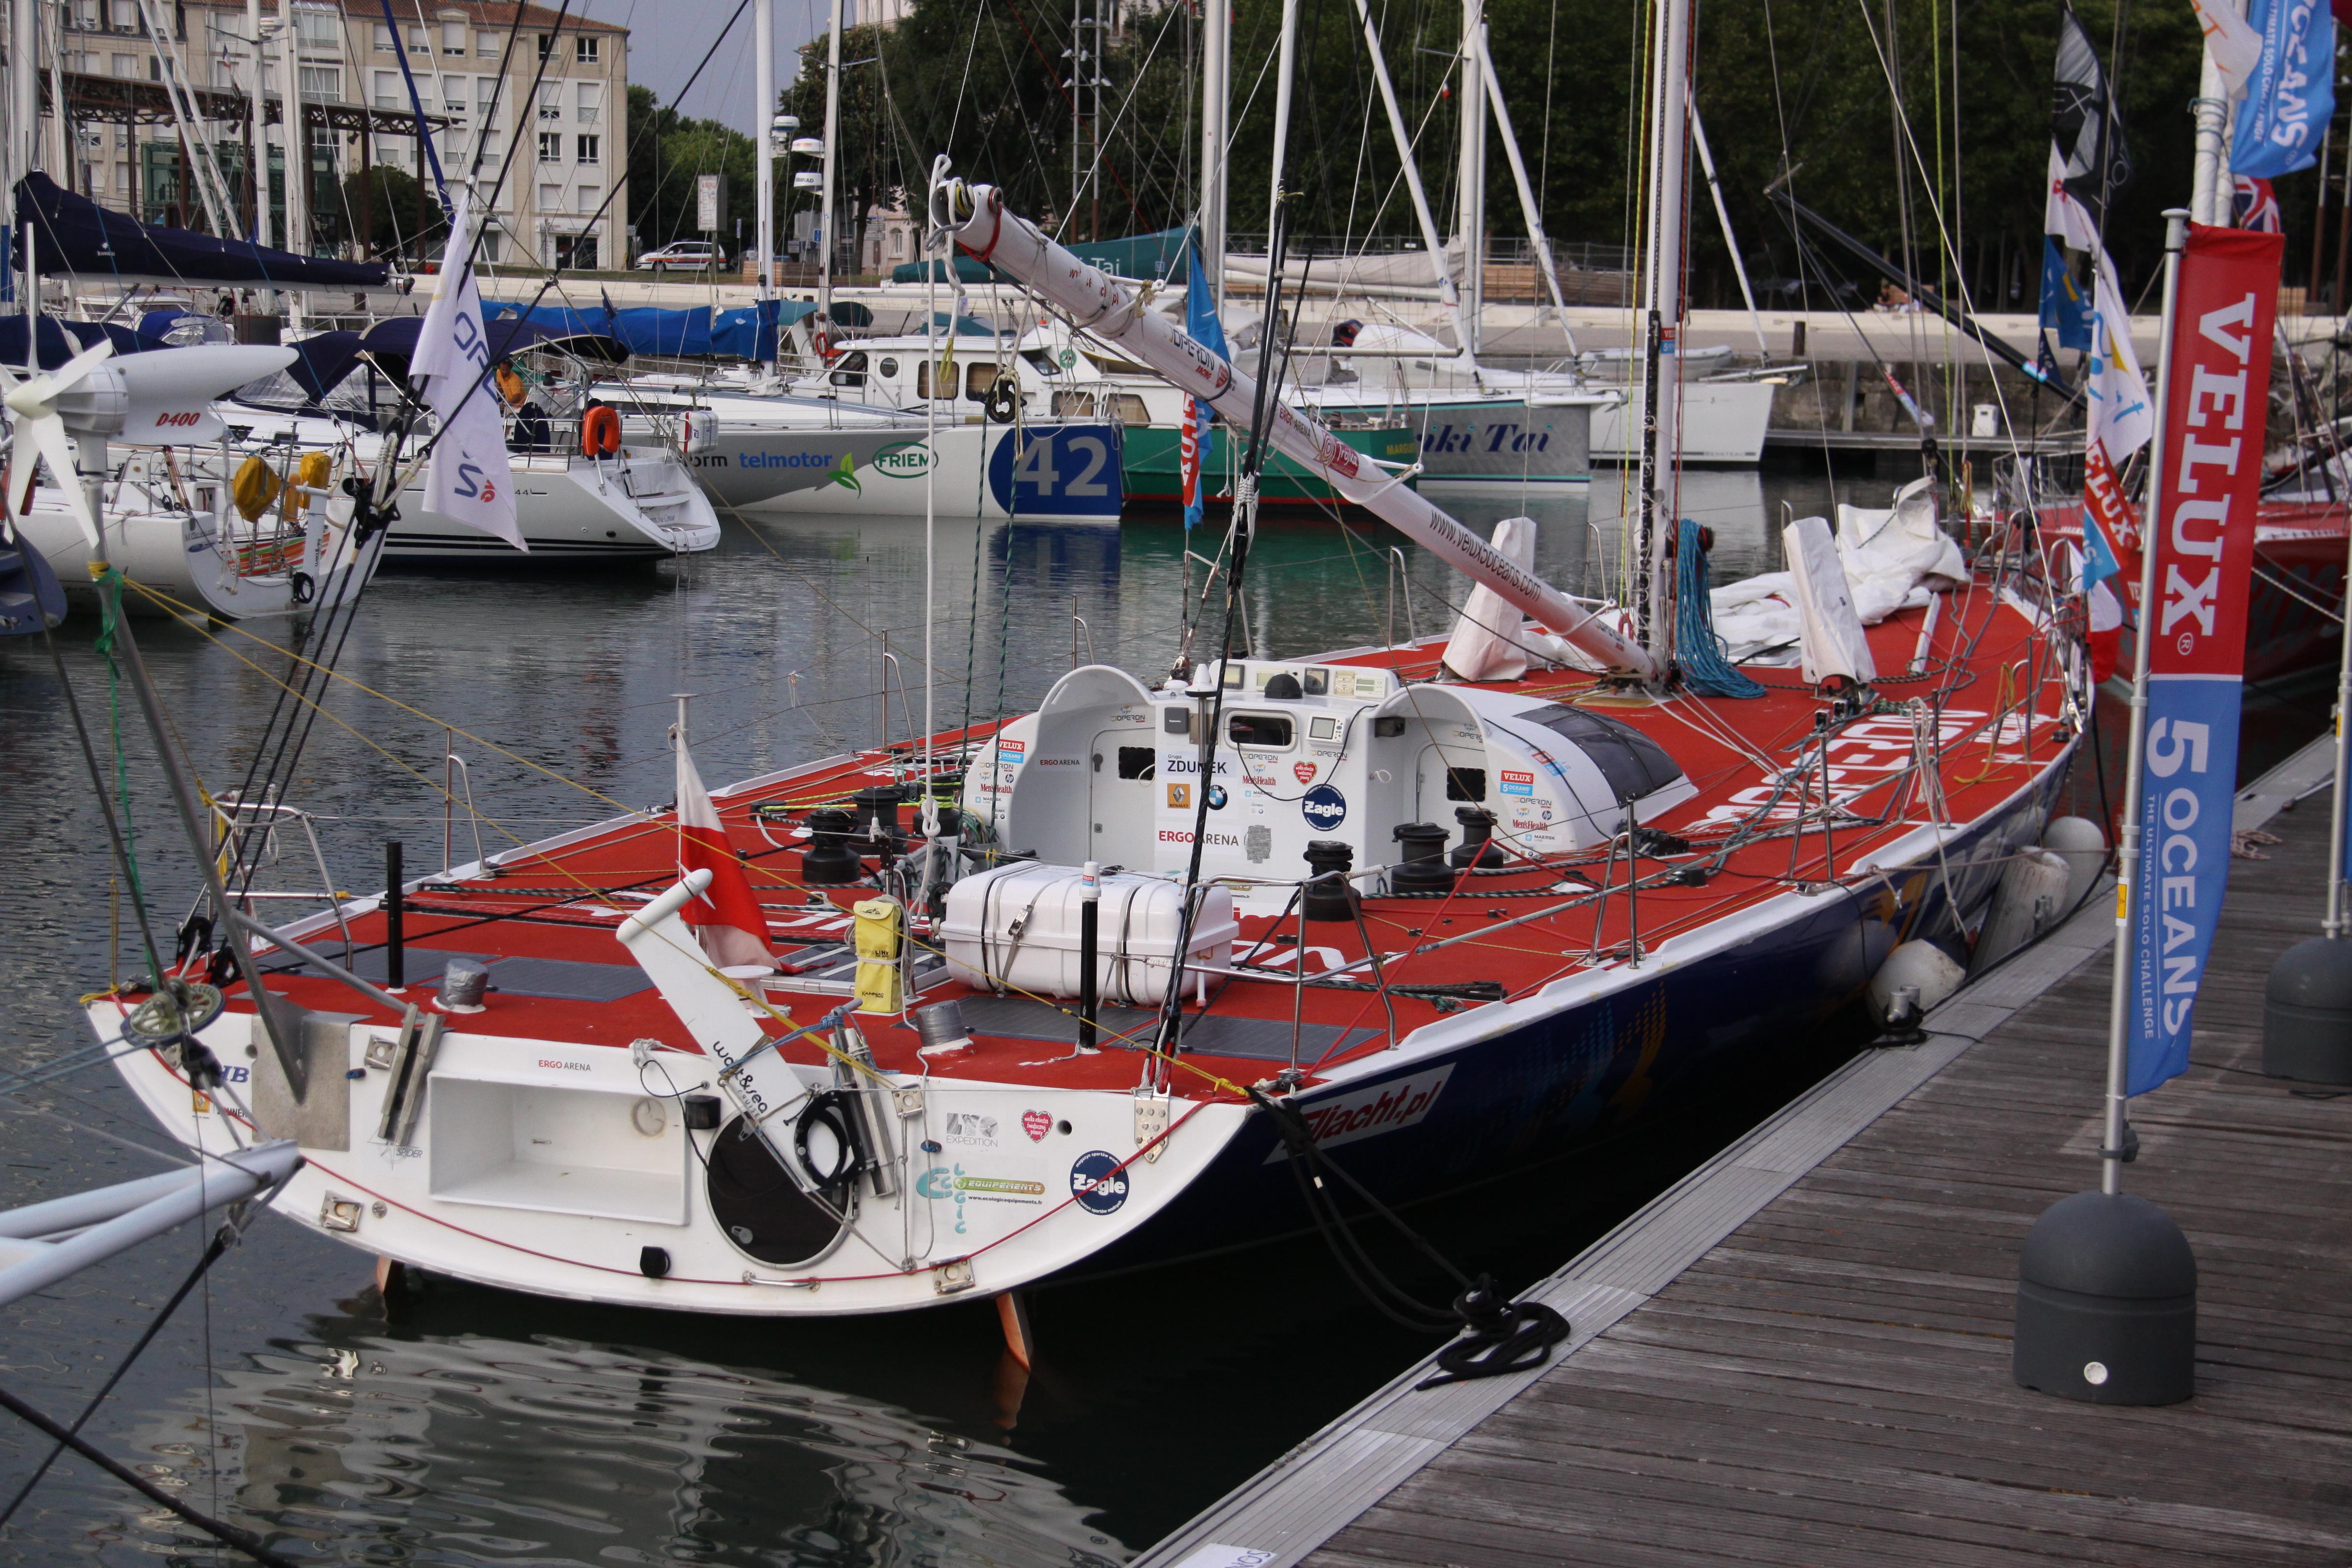 D co voilier de bassin ancien lille 28 voilier beneteau first 28 voilier voilier 91 route - Voilier de bassin ancien nanterre ...